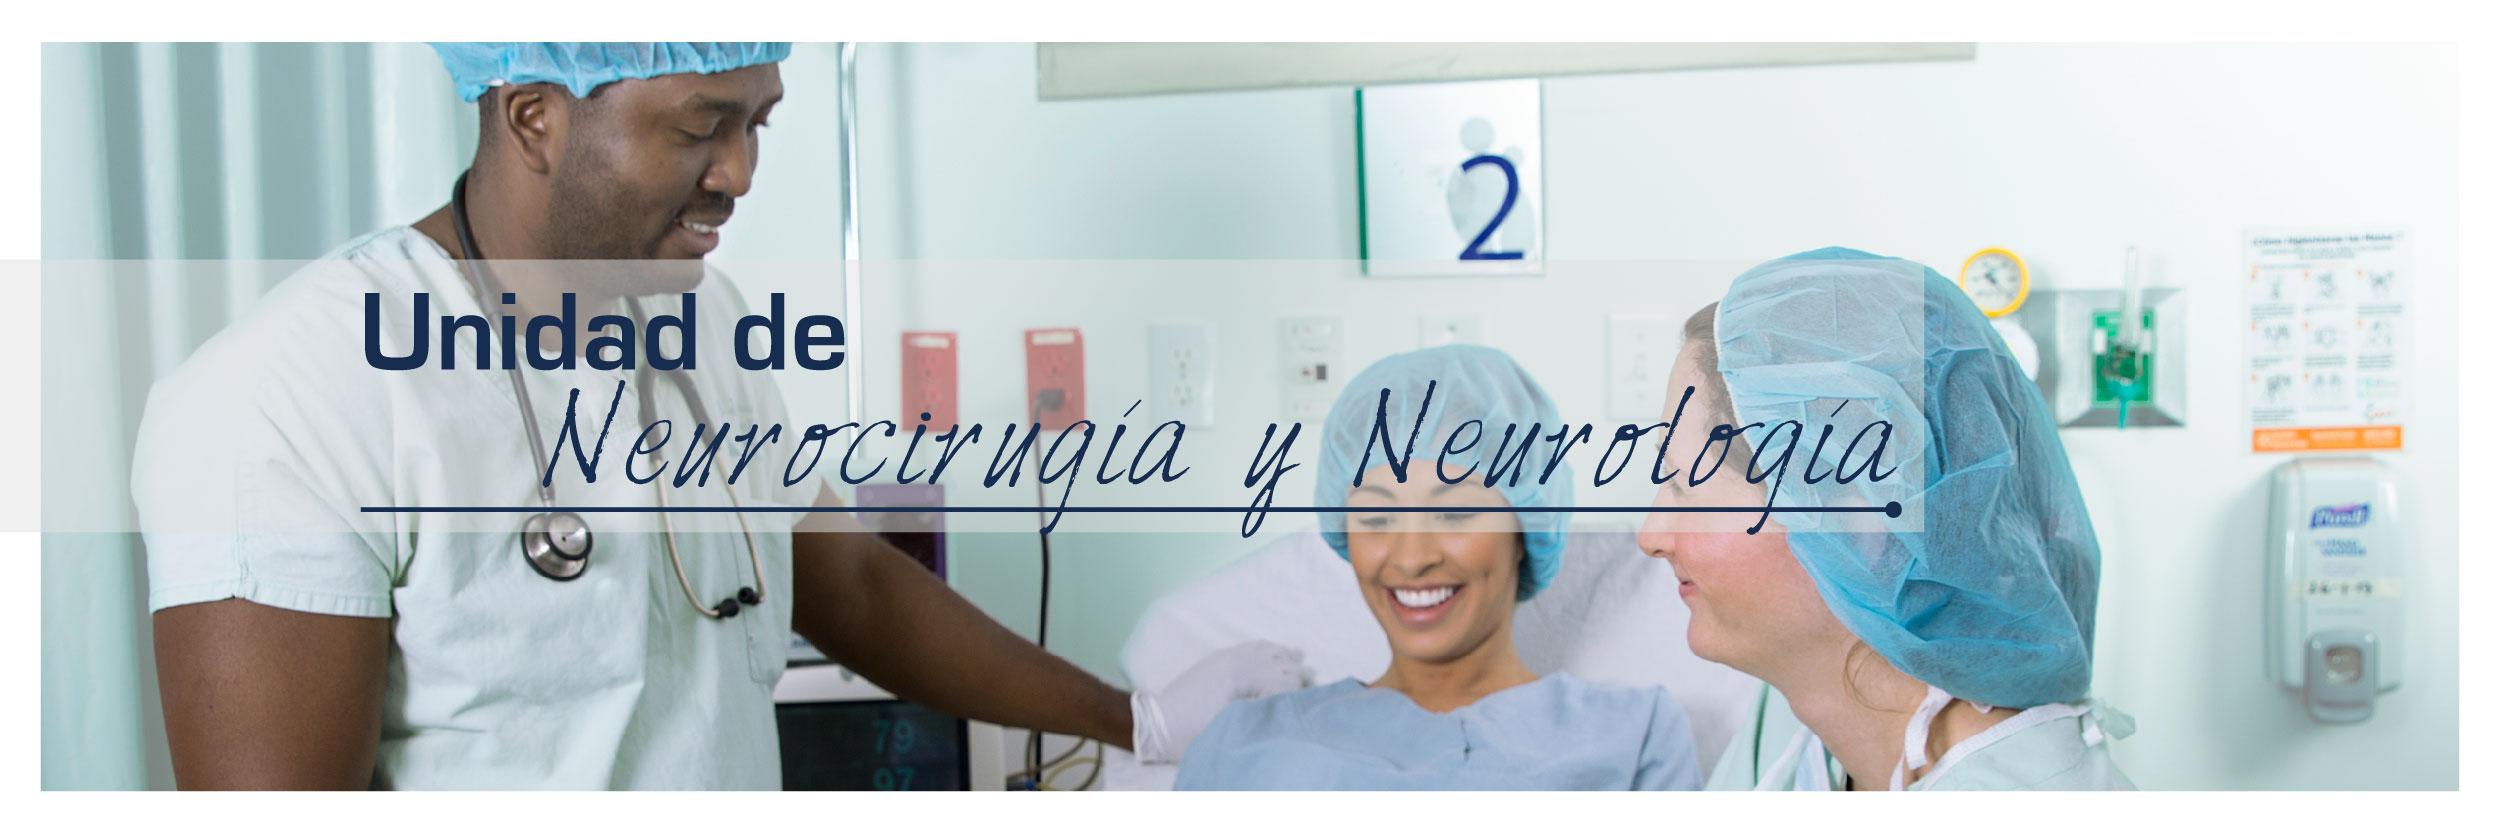 Especialistas en Neurocirugía y Neurología en la Clínica del Norte en Bello Antioquia